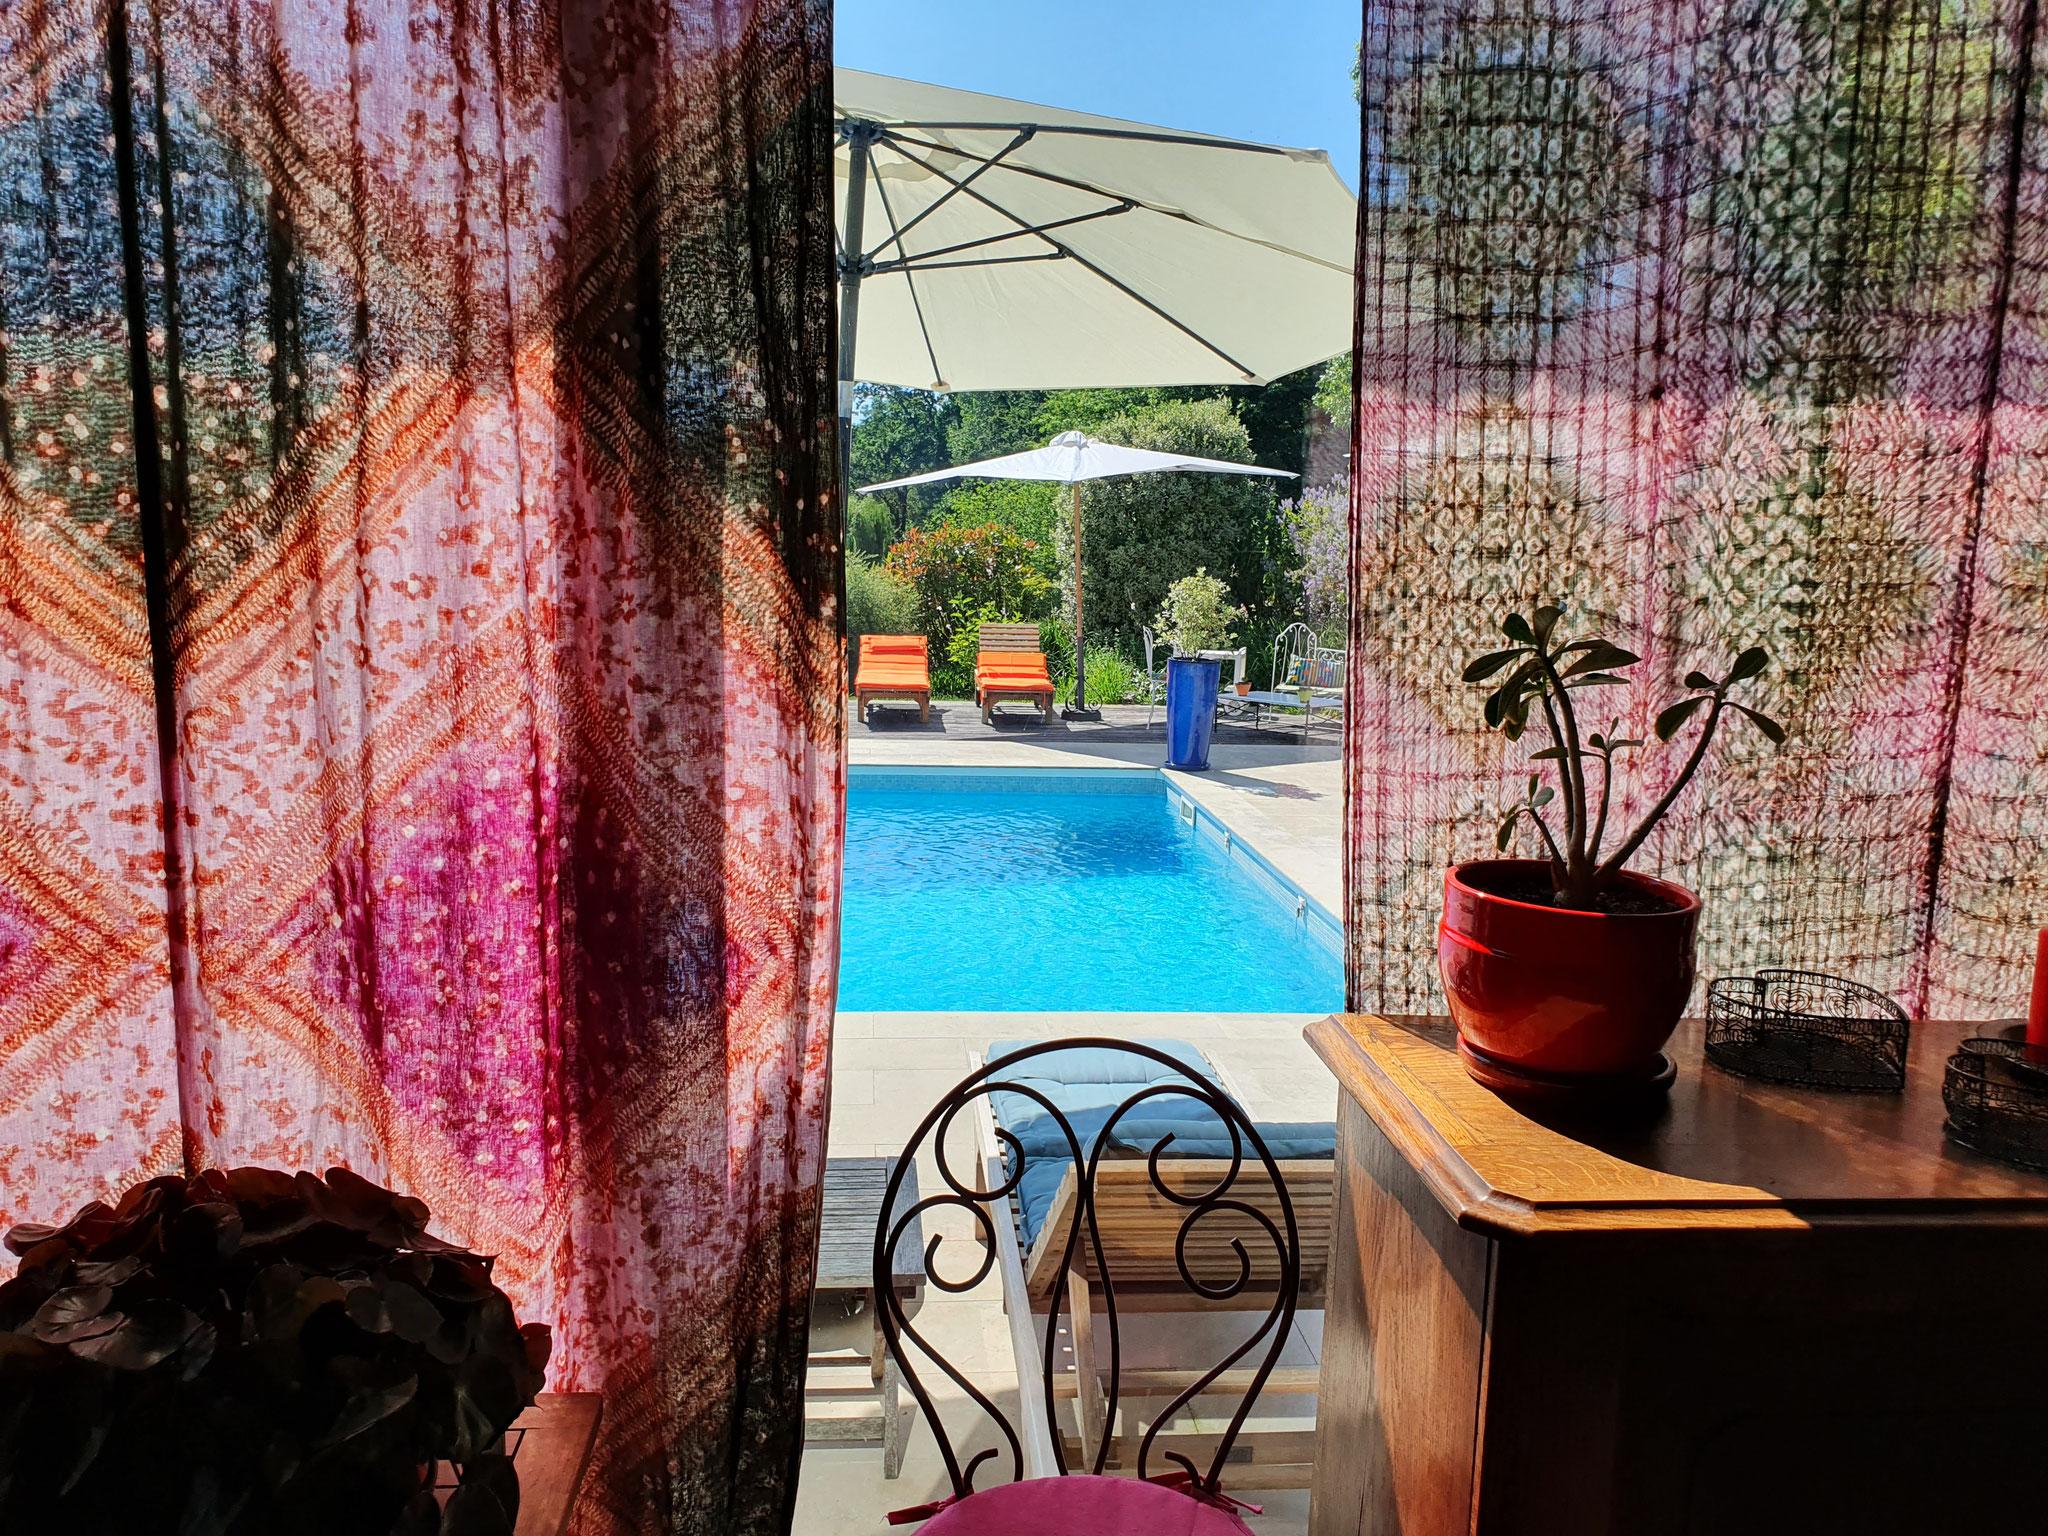 domaine de Millox aperçu de la piscine à travers les rideaux de la véranda